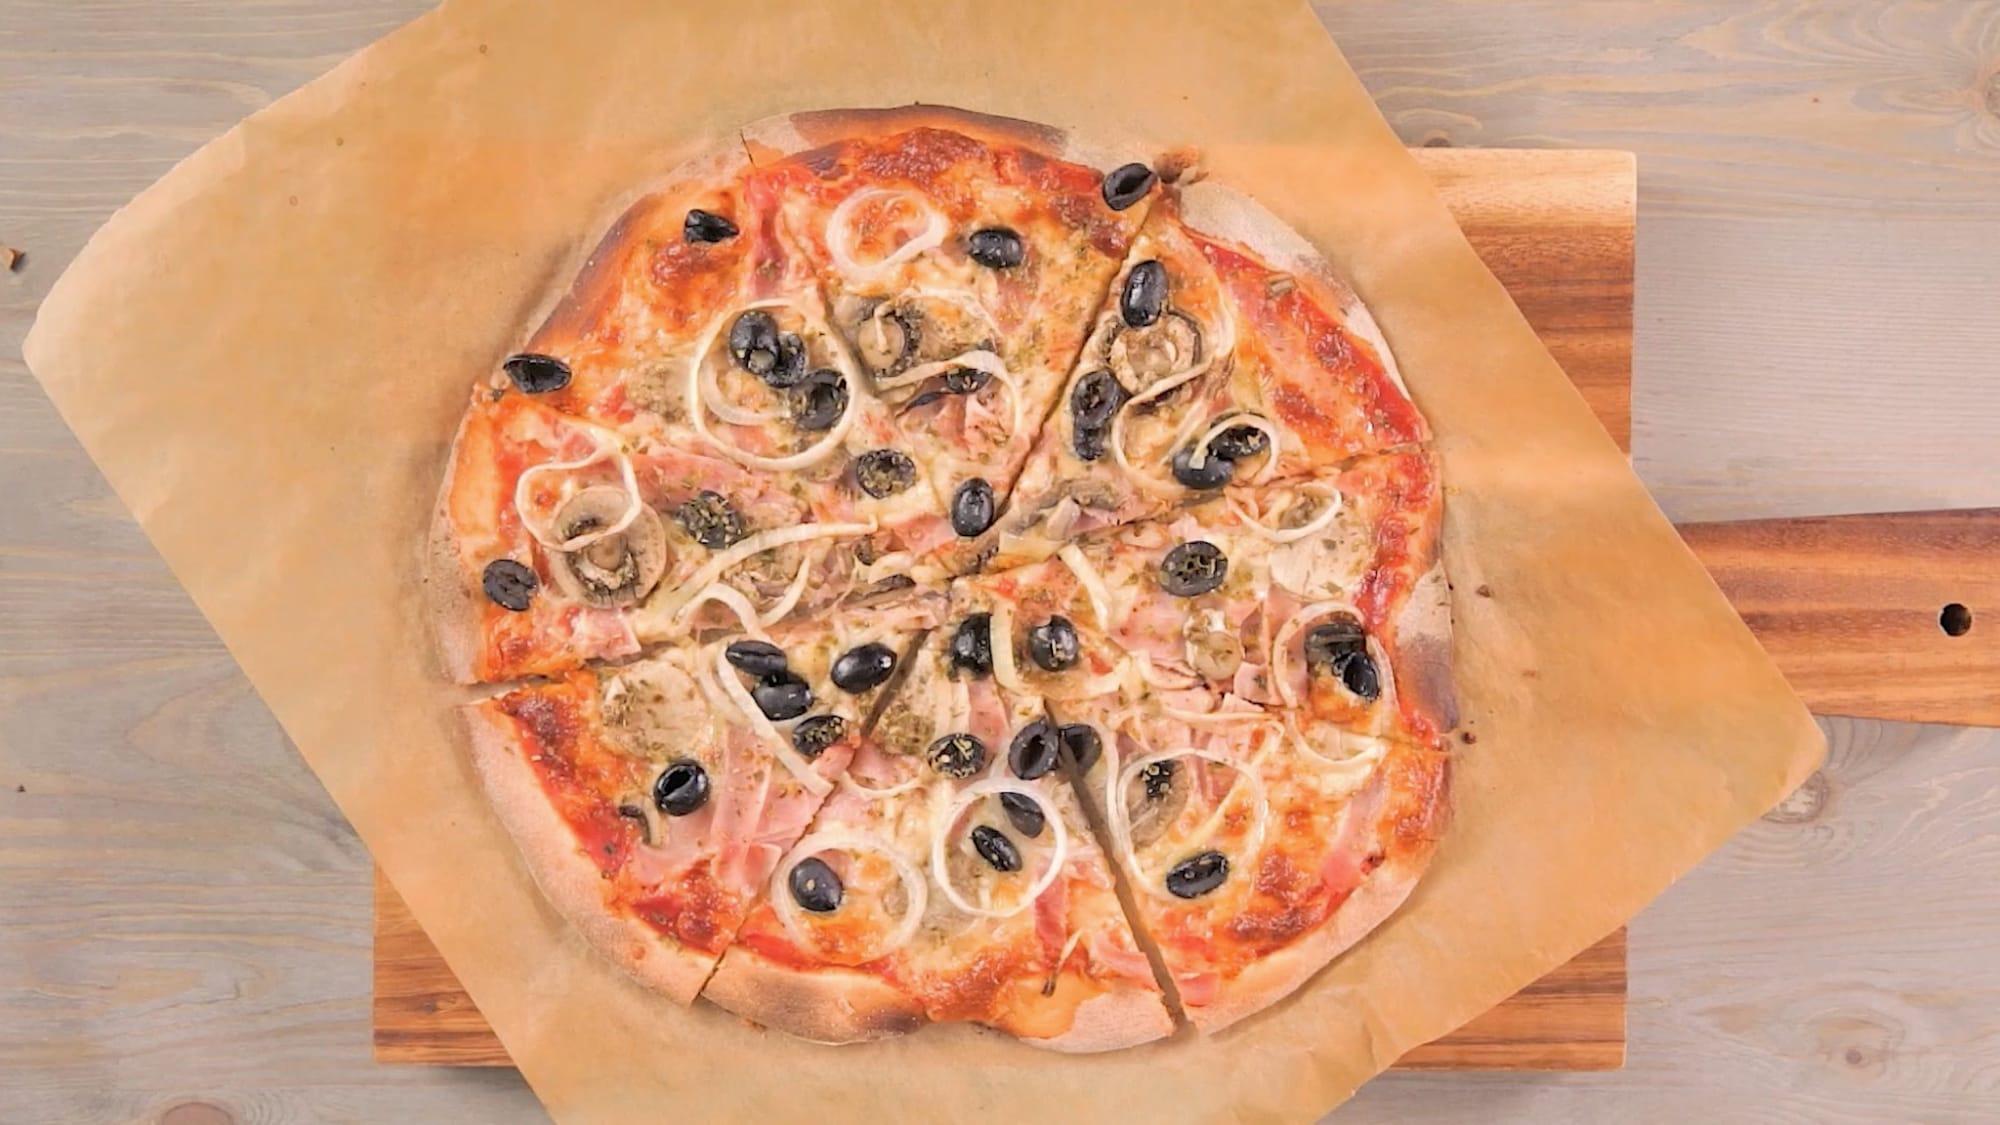 Schnelle Rezepte: Pizza — so einfach, so schnell!